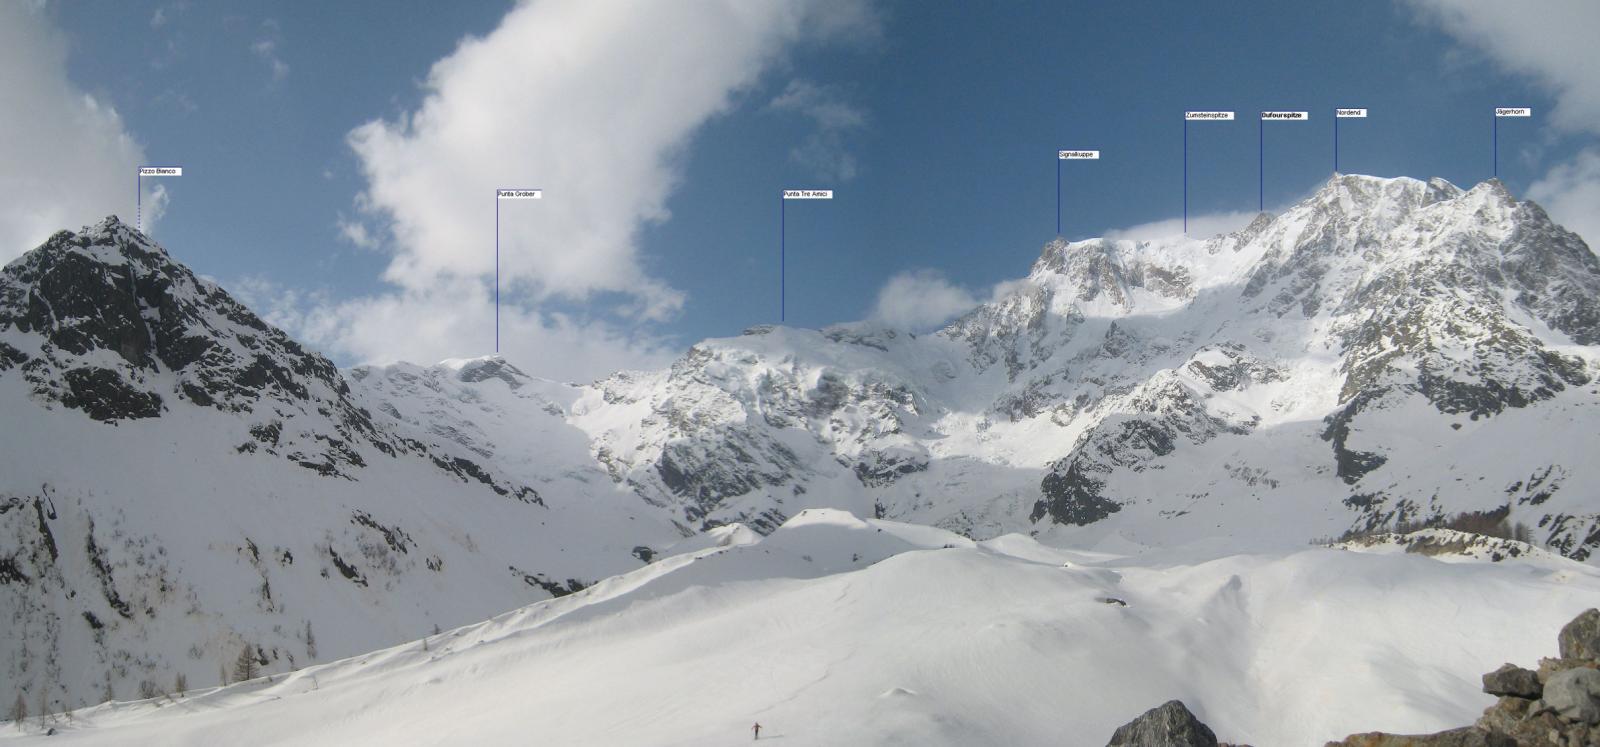 Dal ghiacciaio del Belvedere unico momento senza nuvole sulle punte